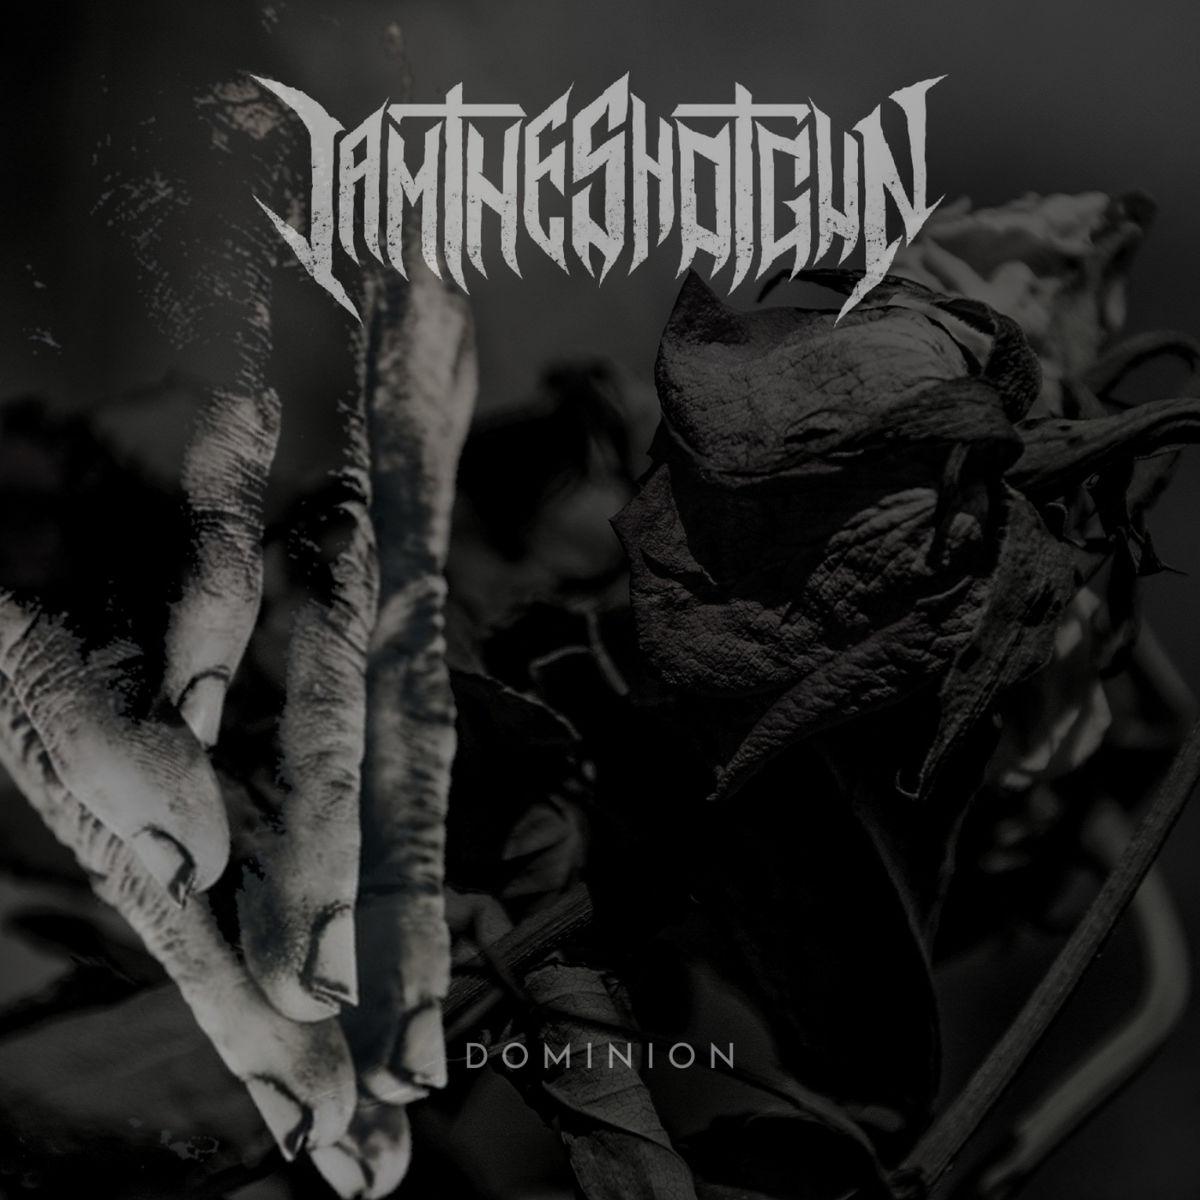 Iamtheshotgun - Dominion [EP] (2020)